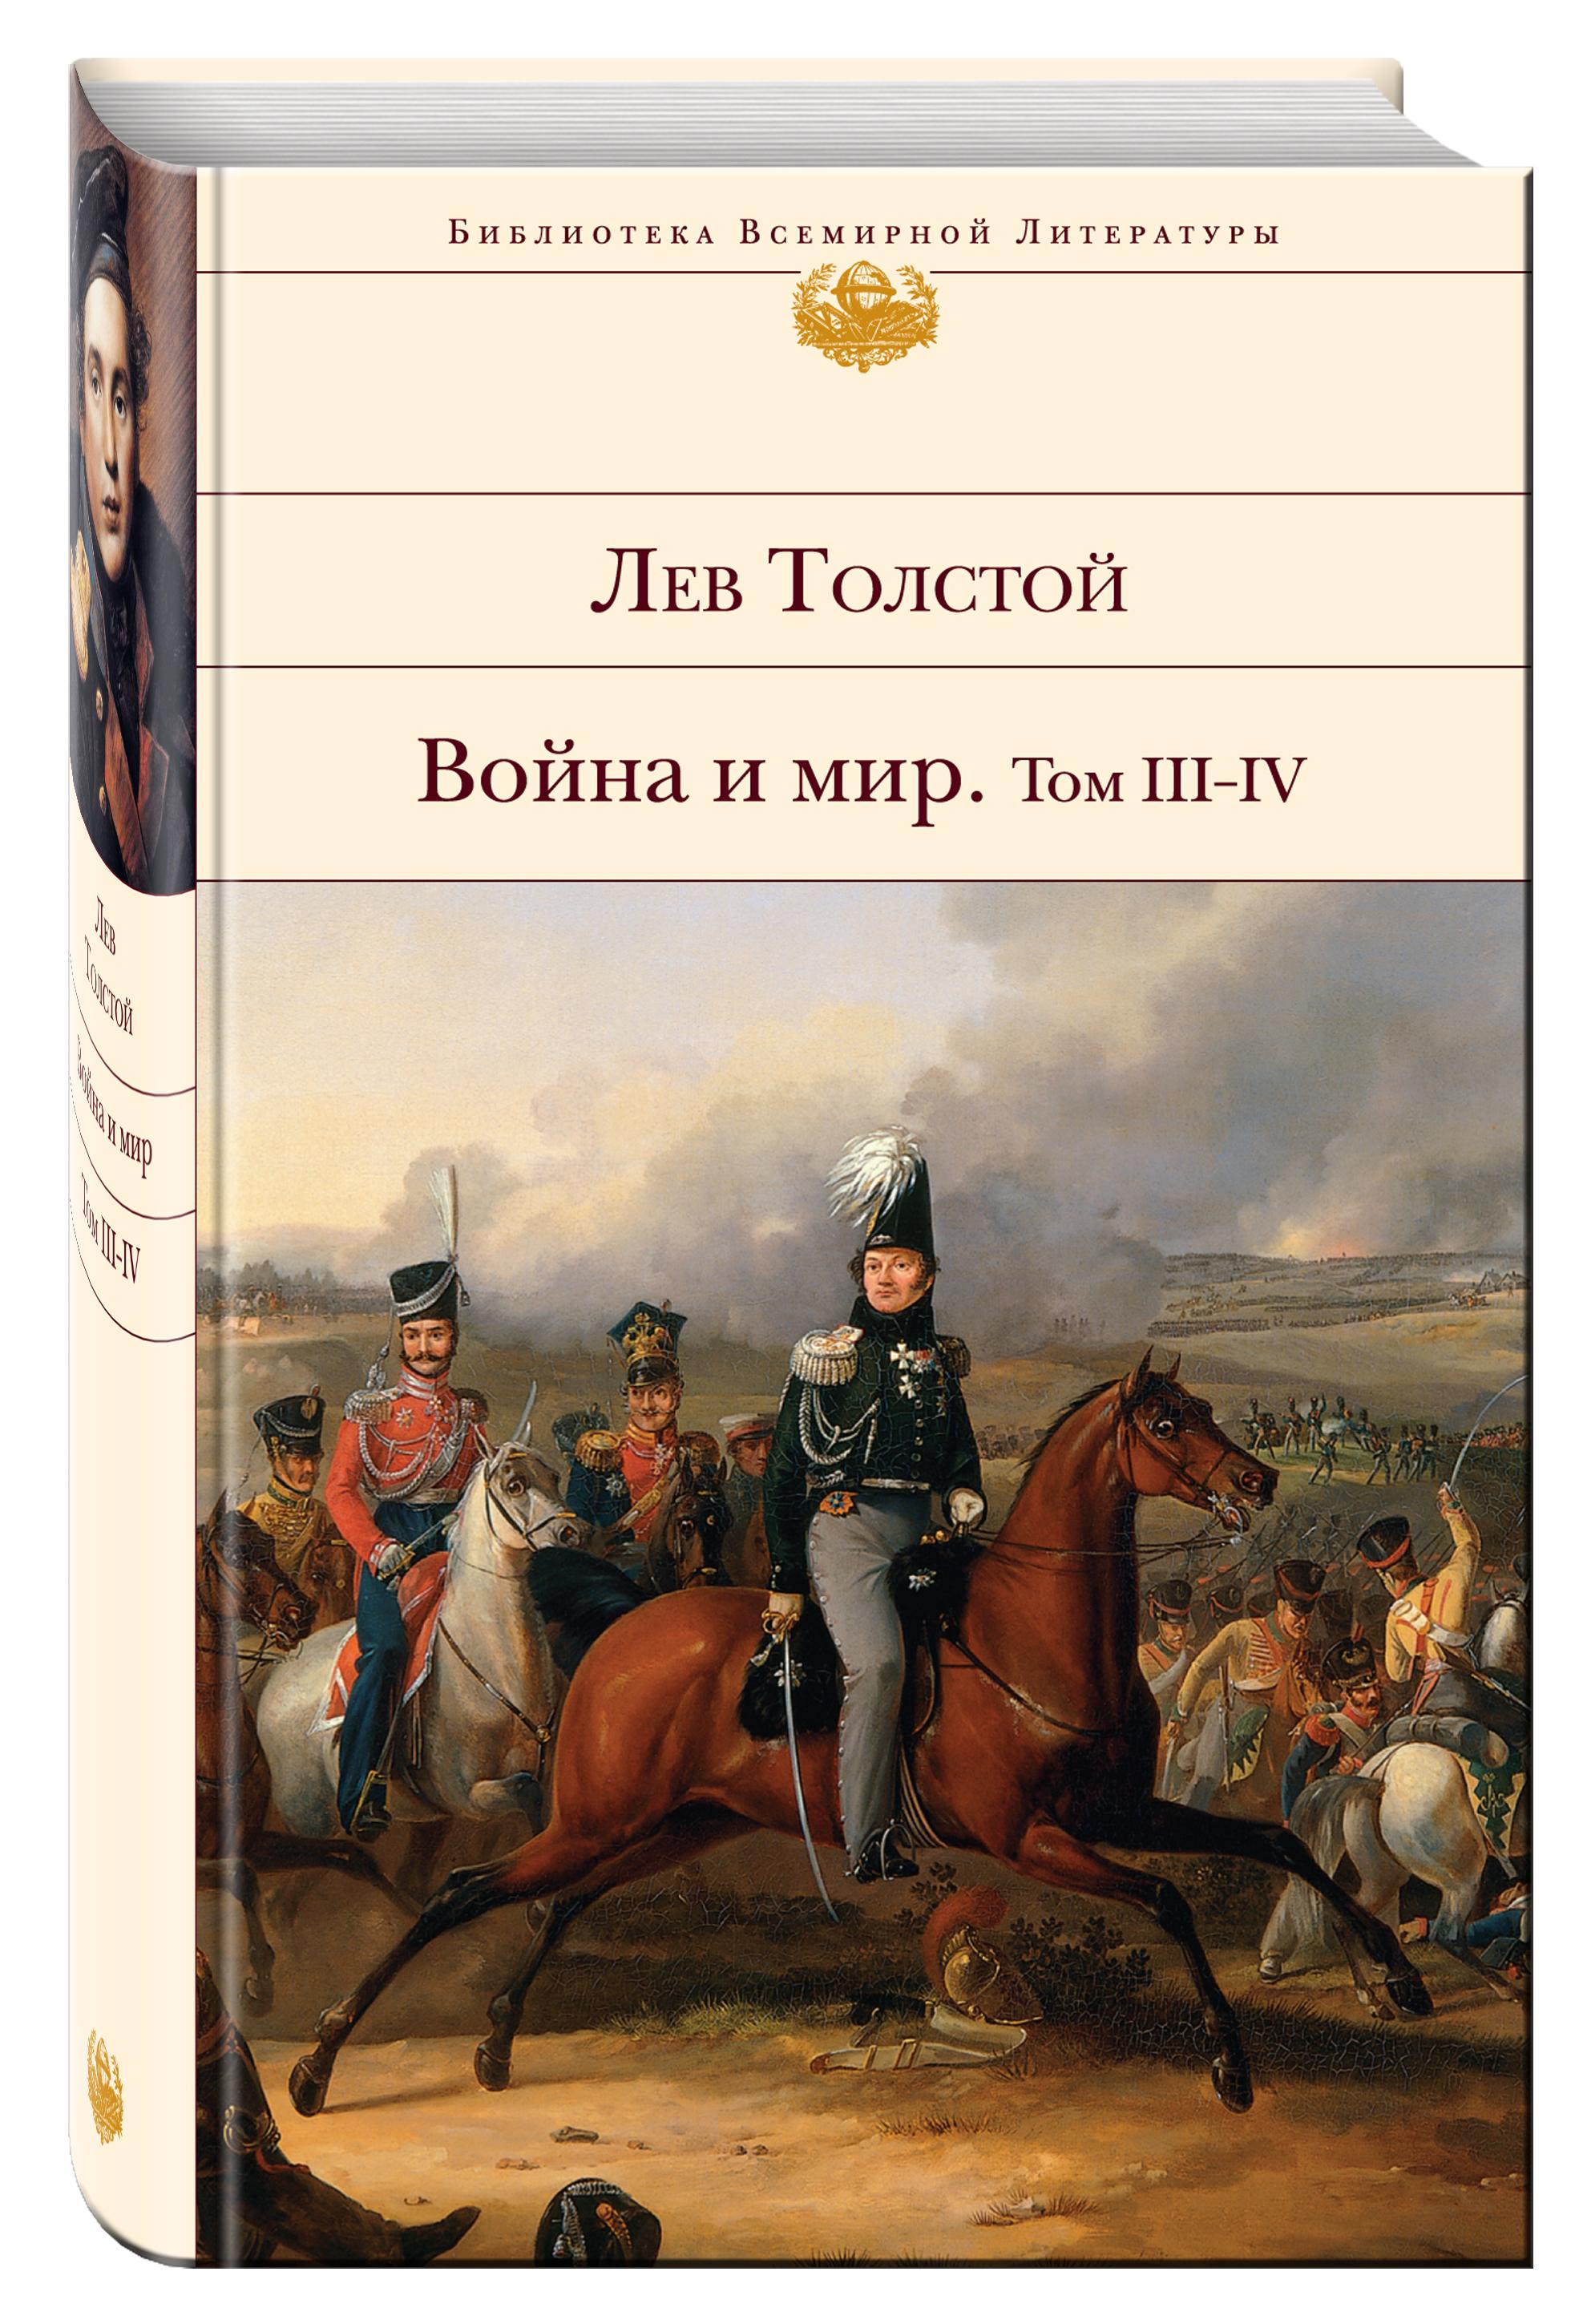 Толстой Л.Н. Война и мир. Том III-IV эксмо война и мир в футболе коллекционное издание